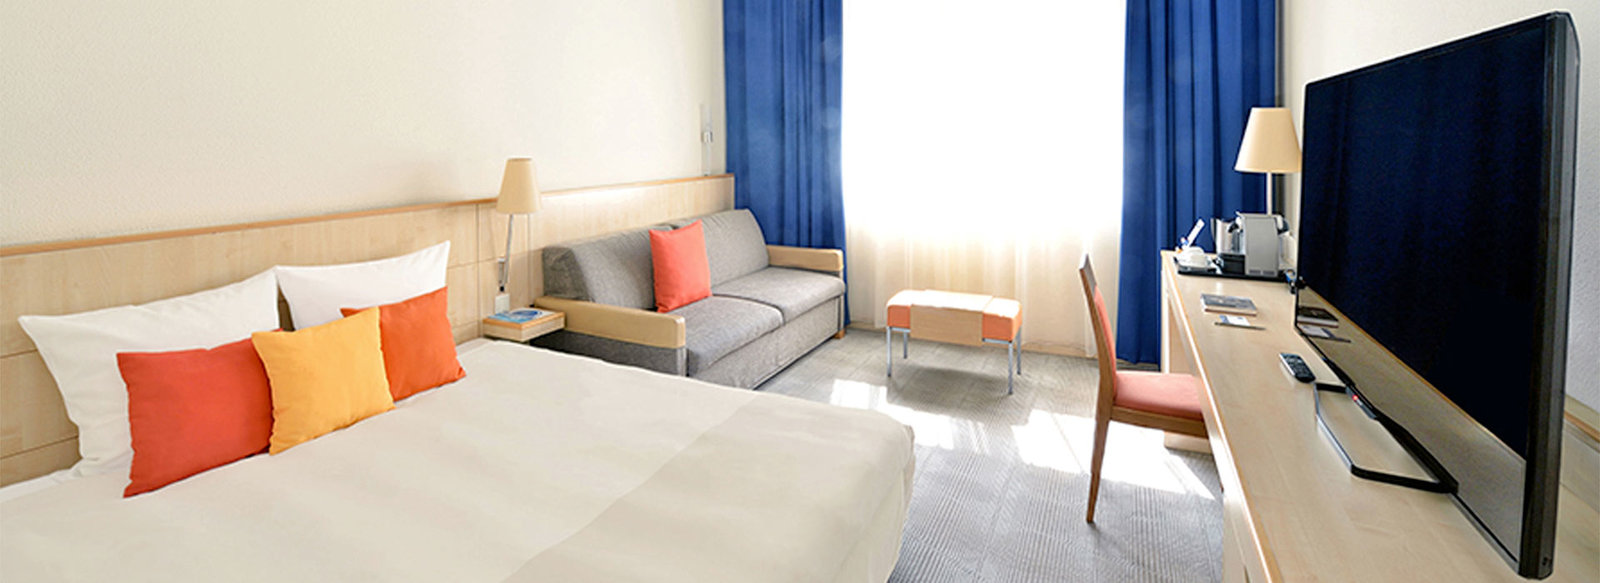 Elegante Hotel 4* in stile liberty, nel cuore di Budapest